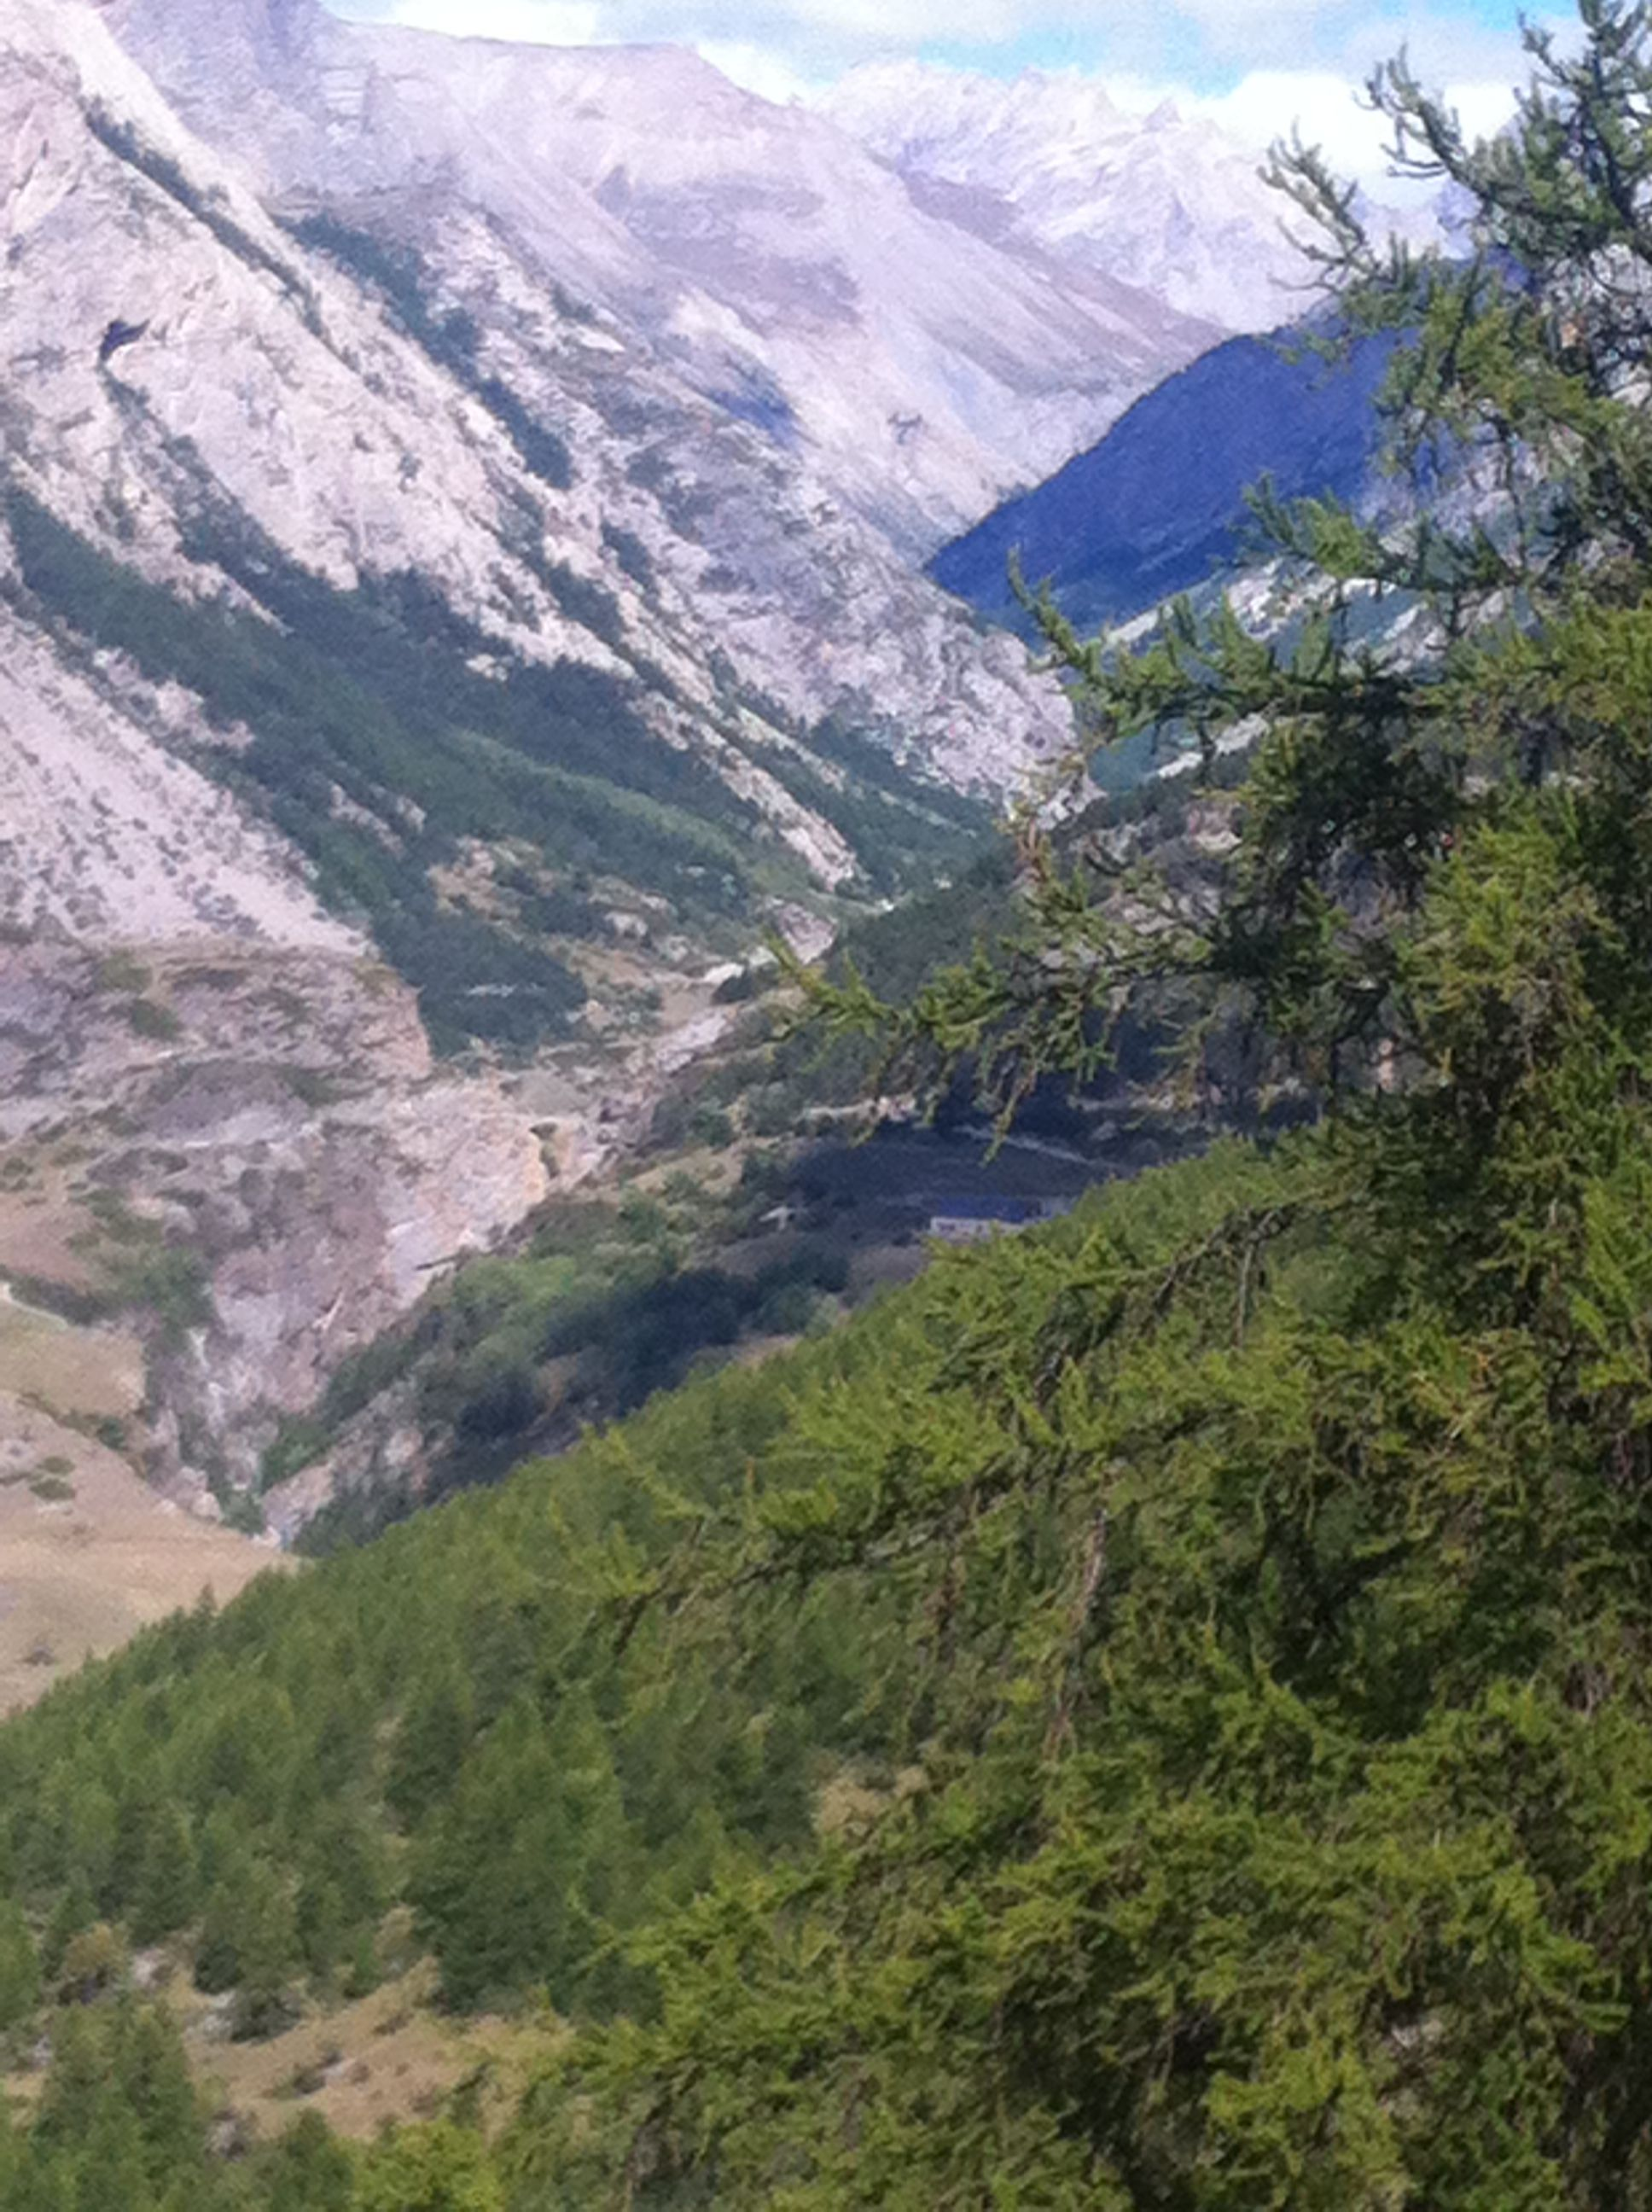 Vallee De L Ubaye Region De Barcelonnette Alpes De Hautes Provence 04 France Alpes De Haute Provence Haute Provence Alpes